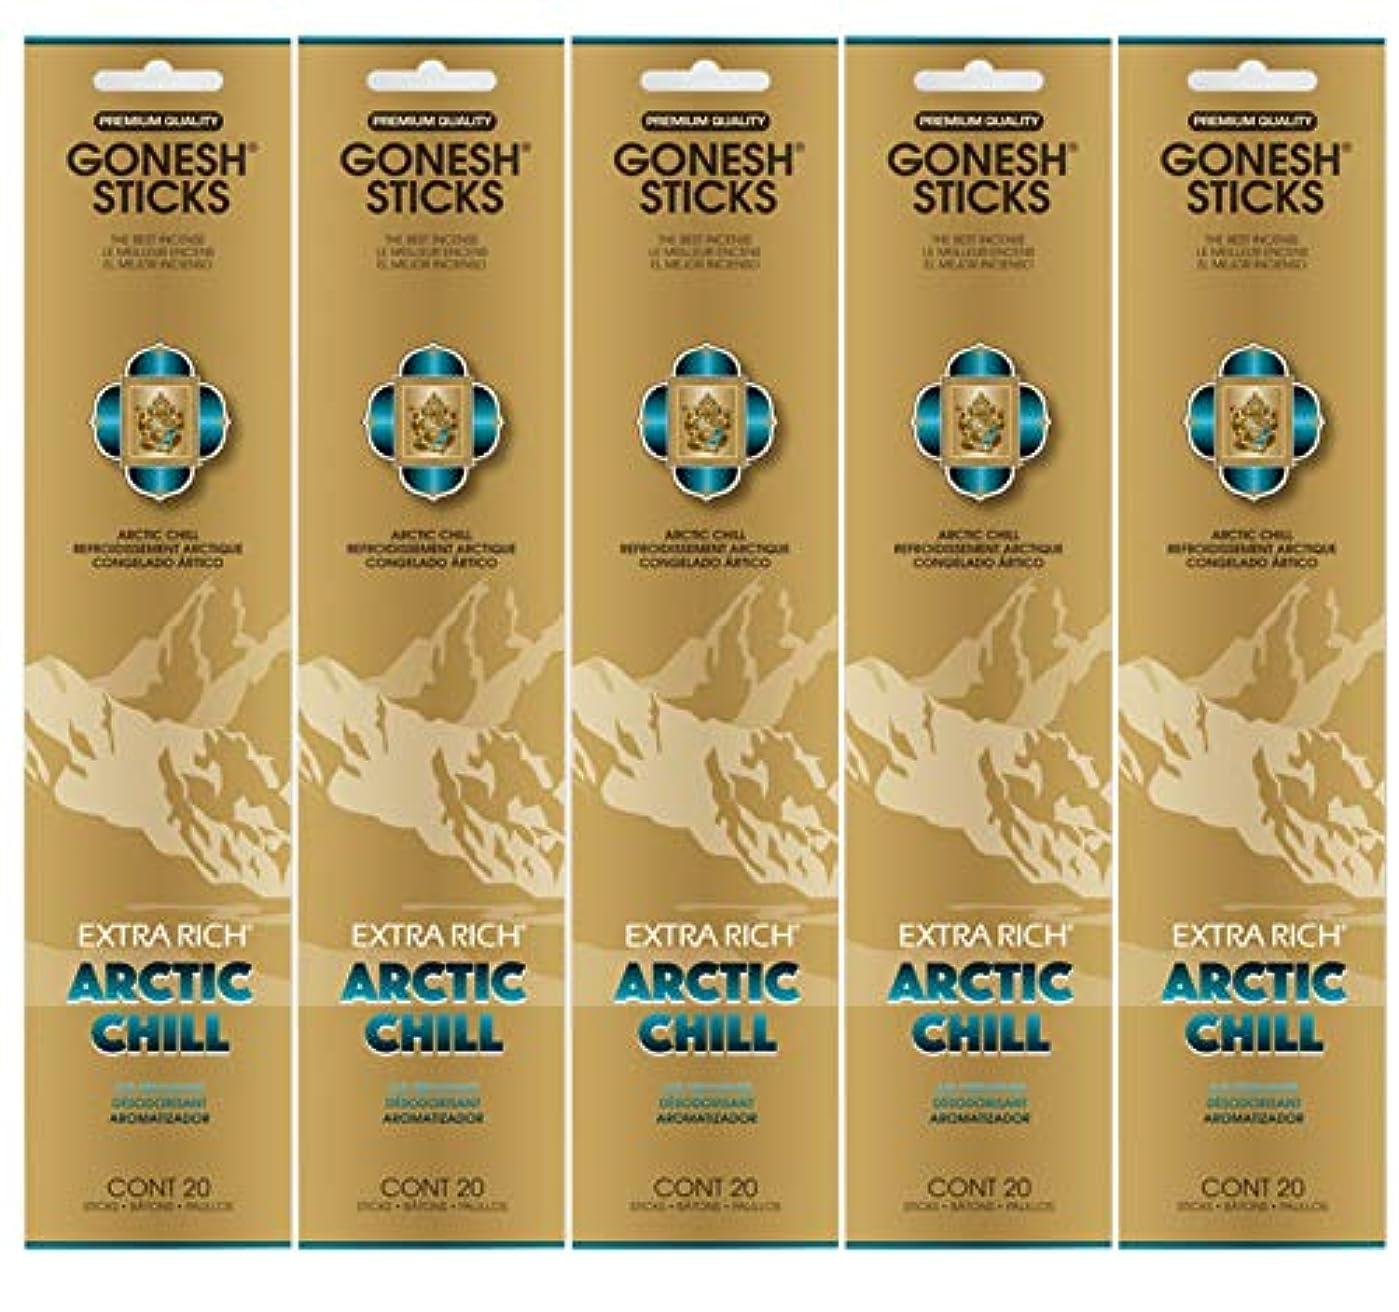 富ミケランジェロ王室Gonesh お香スティック エクストラリッチコレクション - Arctic Chill 5パック (合計100本)